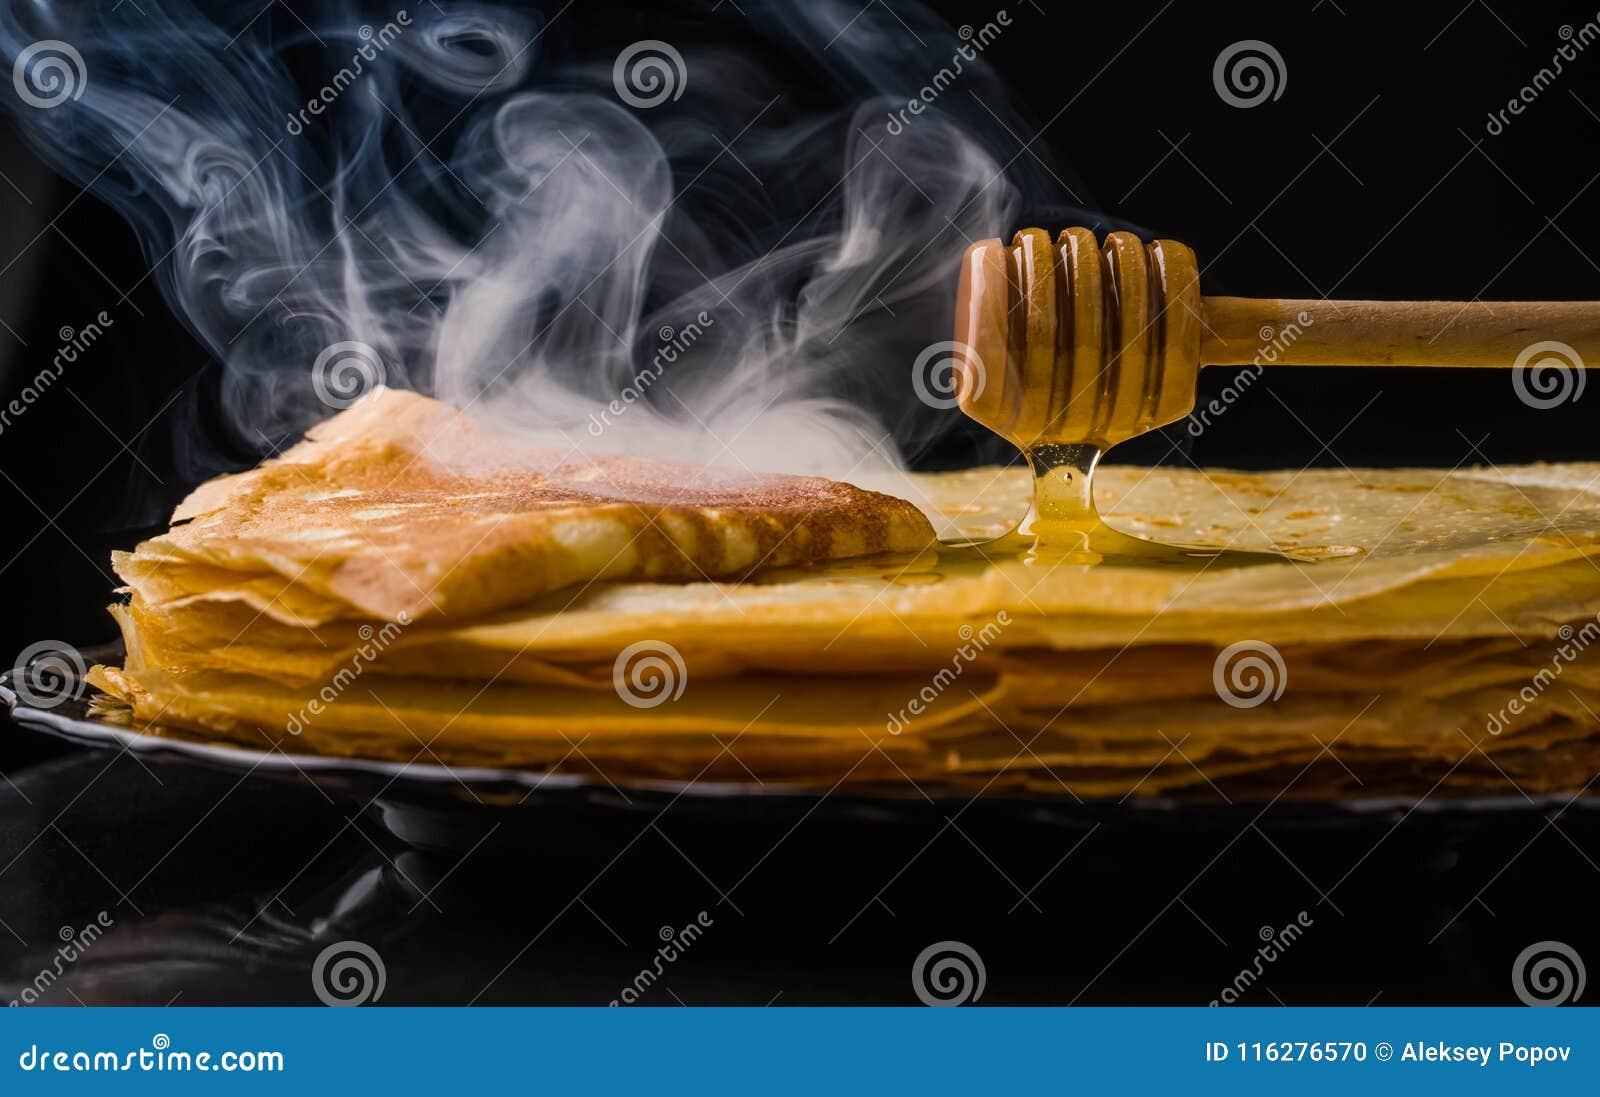 Блинчики блинчики утончают Русское bliny maslenitsa, blini, завтрак, crepe, мед, печенье, стог, блинчик, русский, предпосылка, c